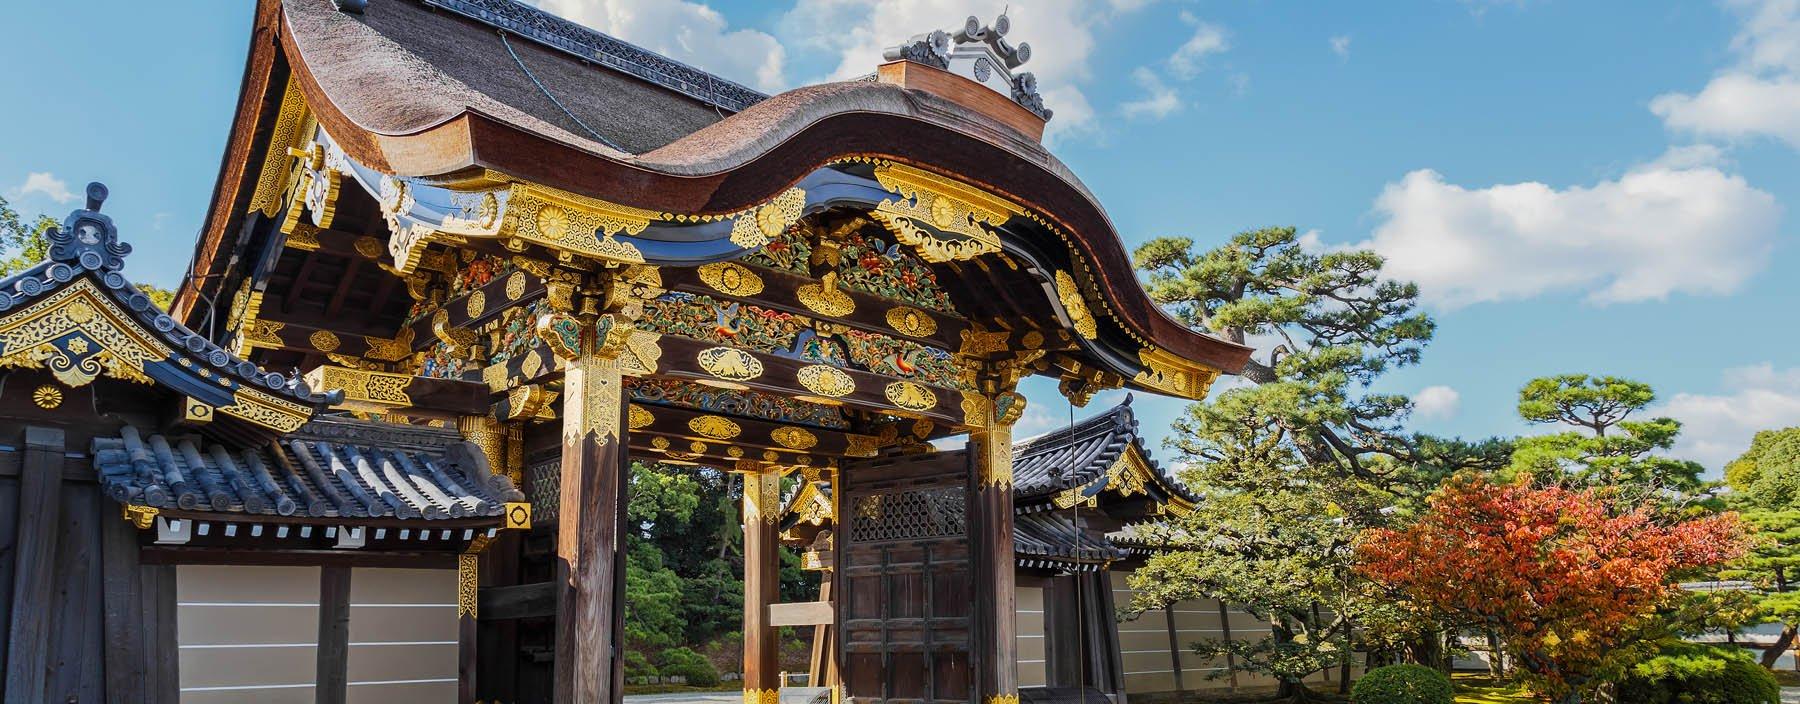 jp, kyoto, ninomaru paleis, nijo kasteel.jpg